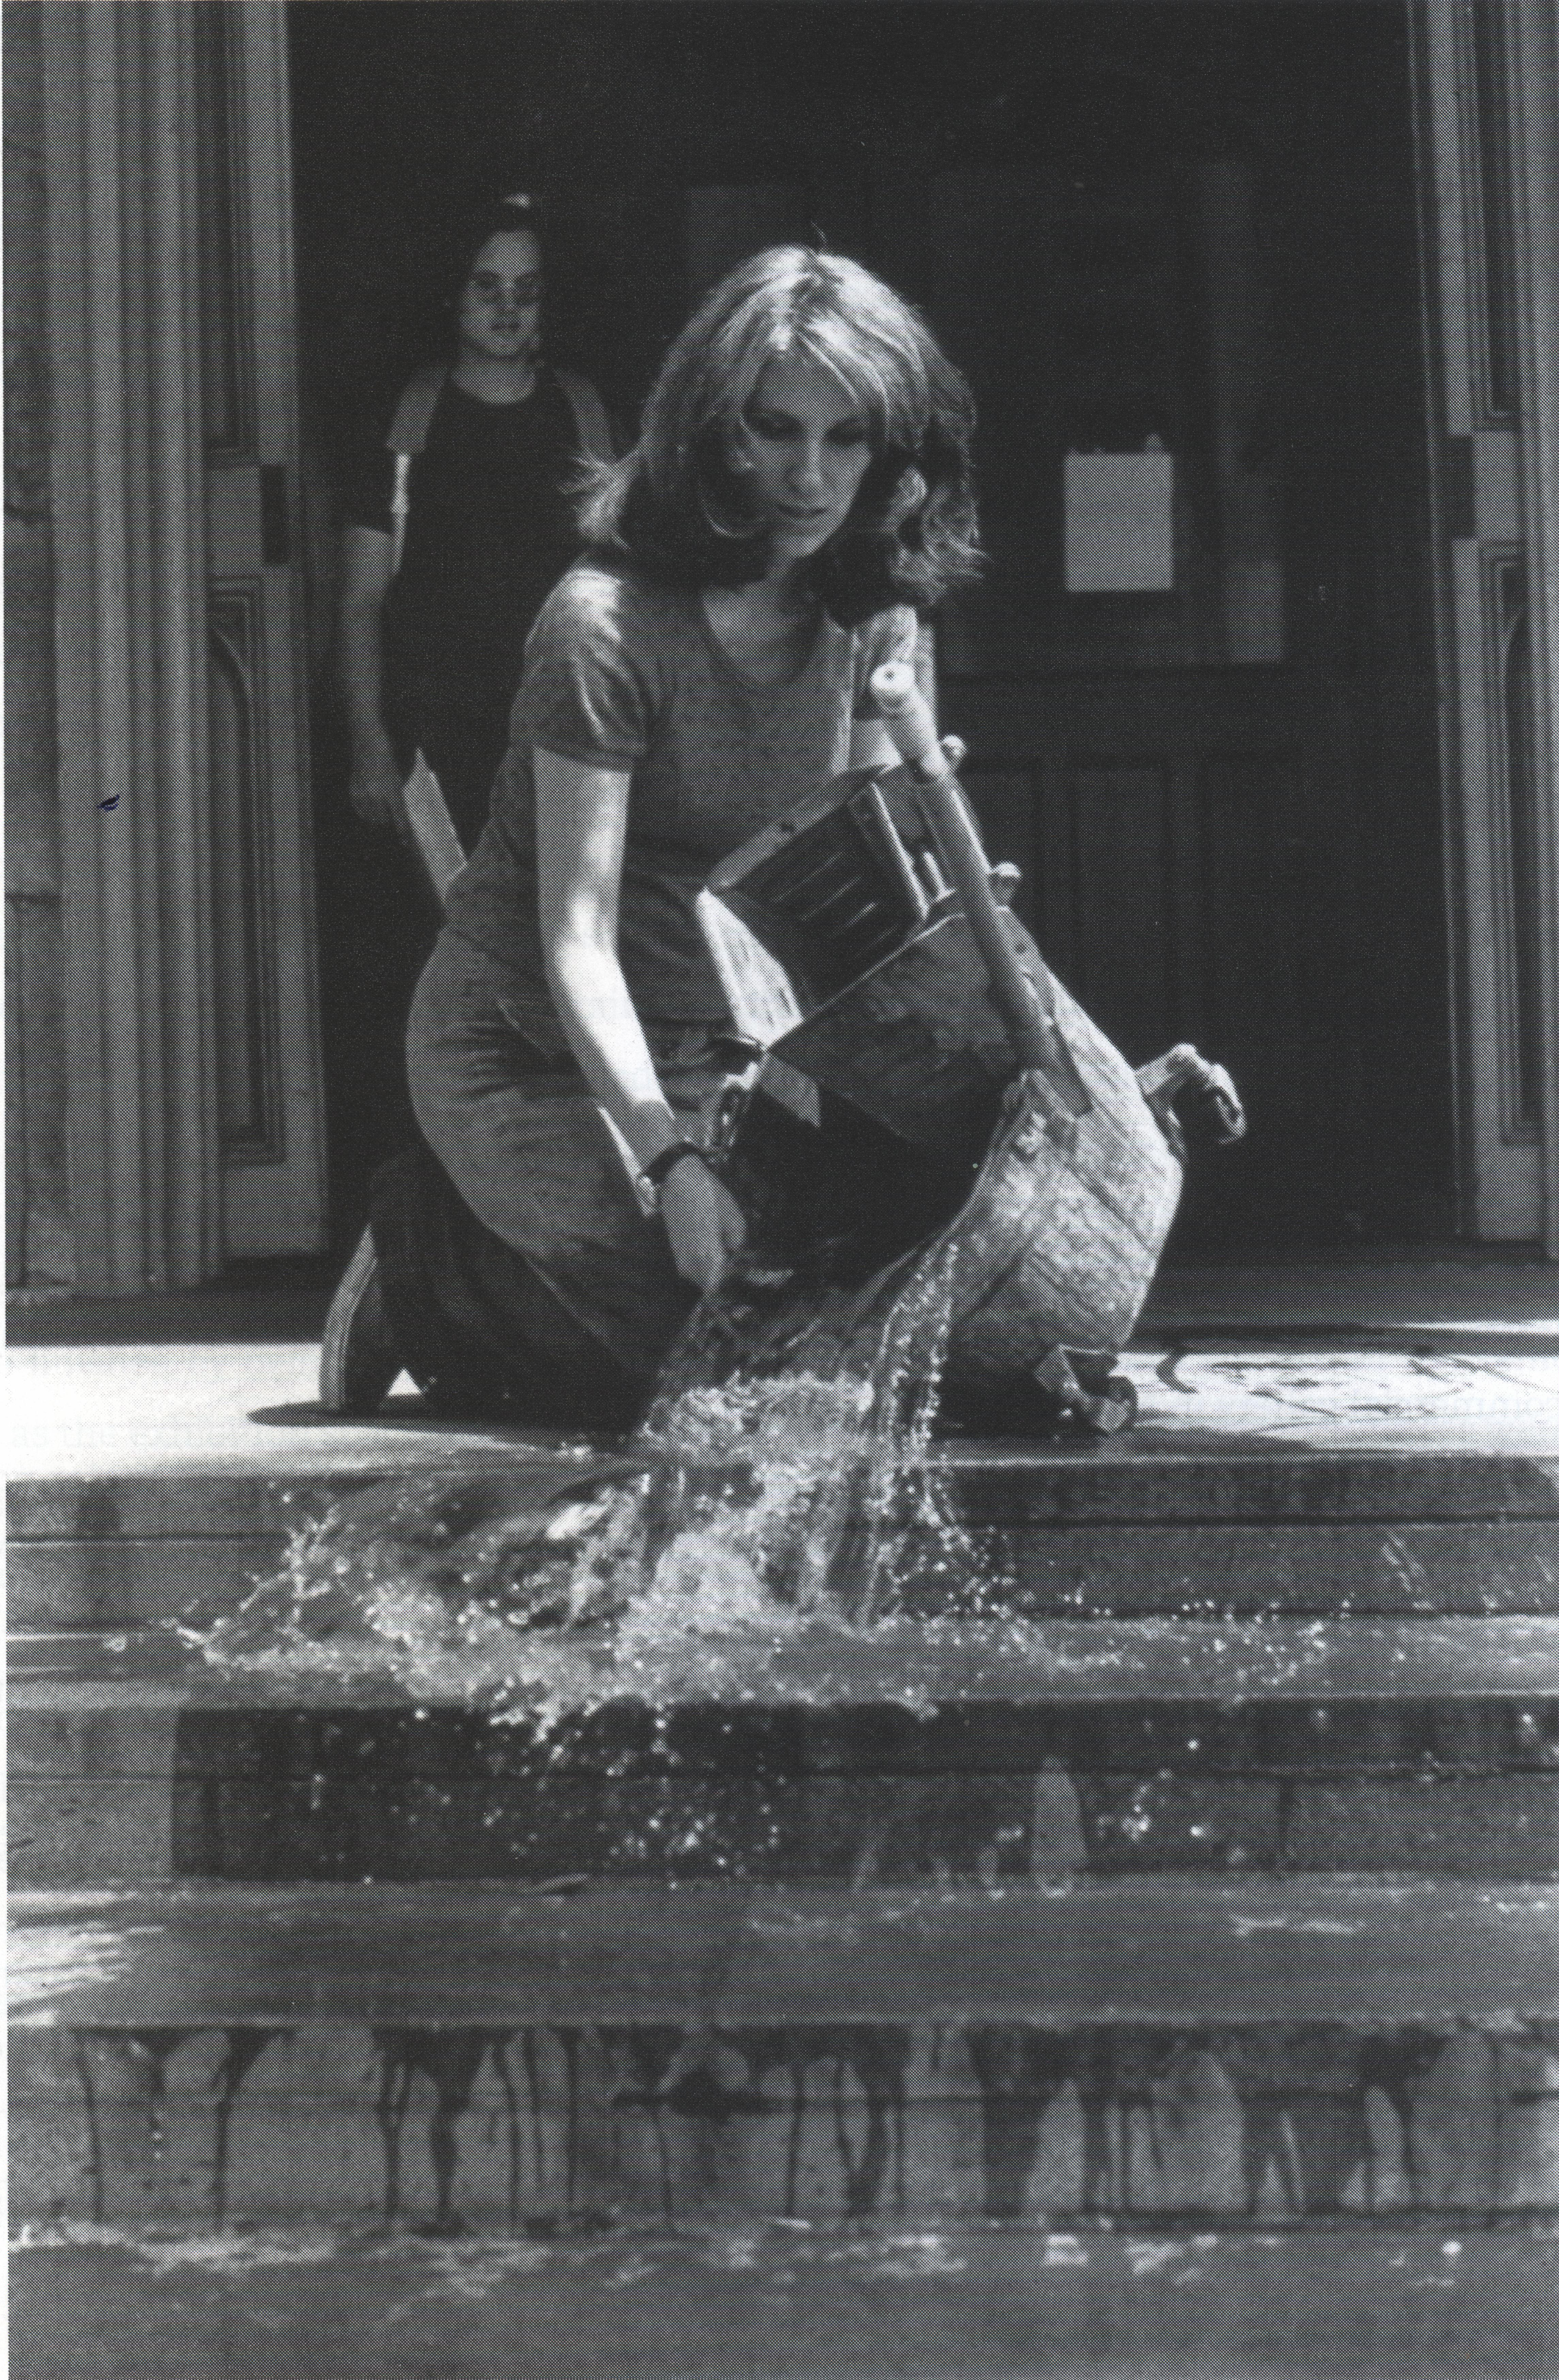 Mierle Laderman Ukeles, Hartford Wash: Washing/Tracks/Maintenence: Outside, 1973, performans wWadsworth Atheneum